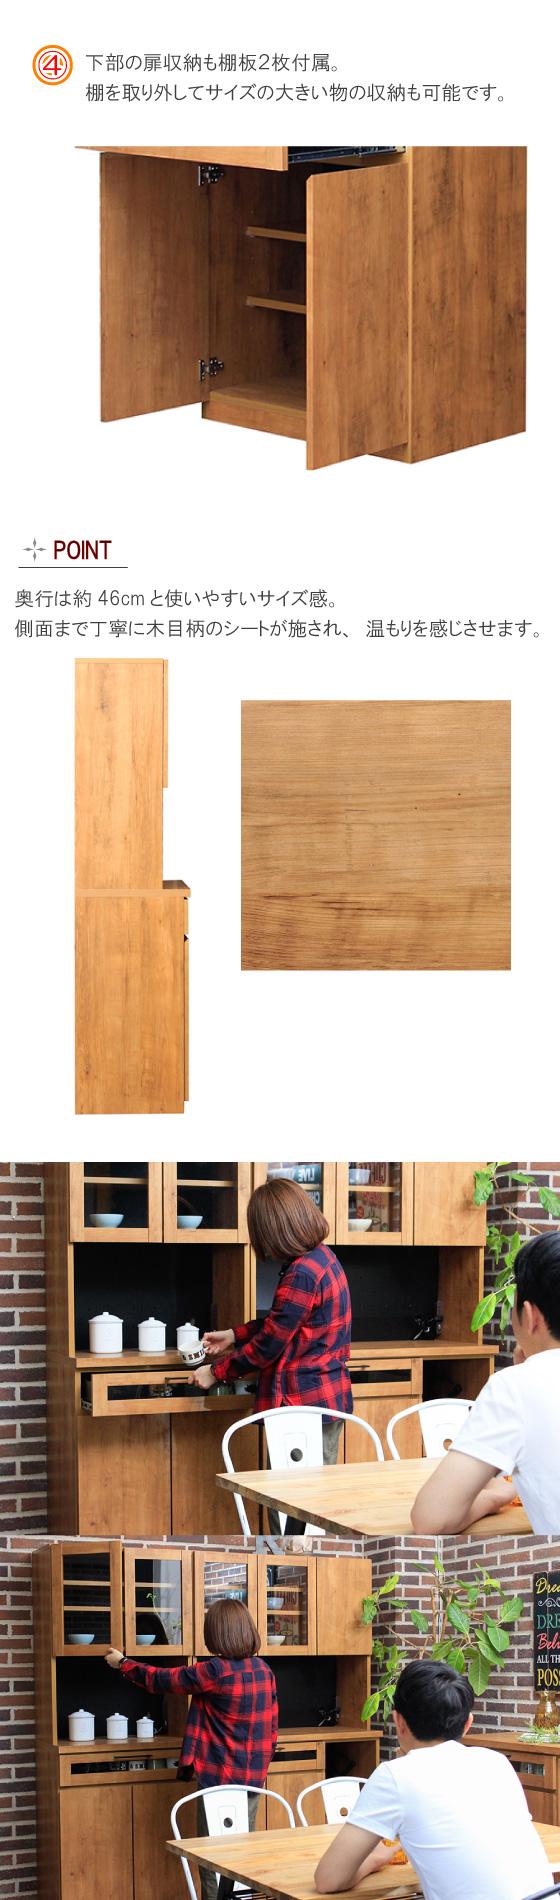 ヴィンテージ調・木目柄幅70cmキッチンボード(完成品/日本製)